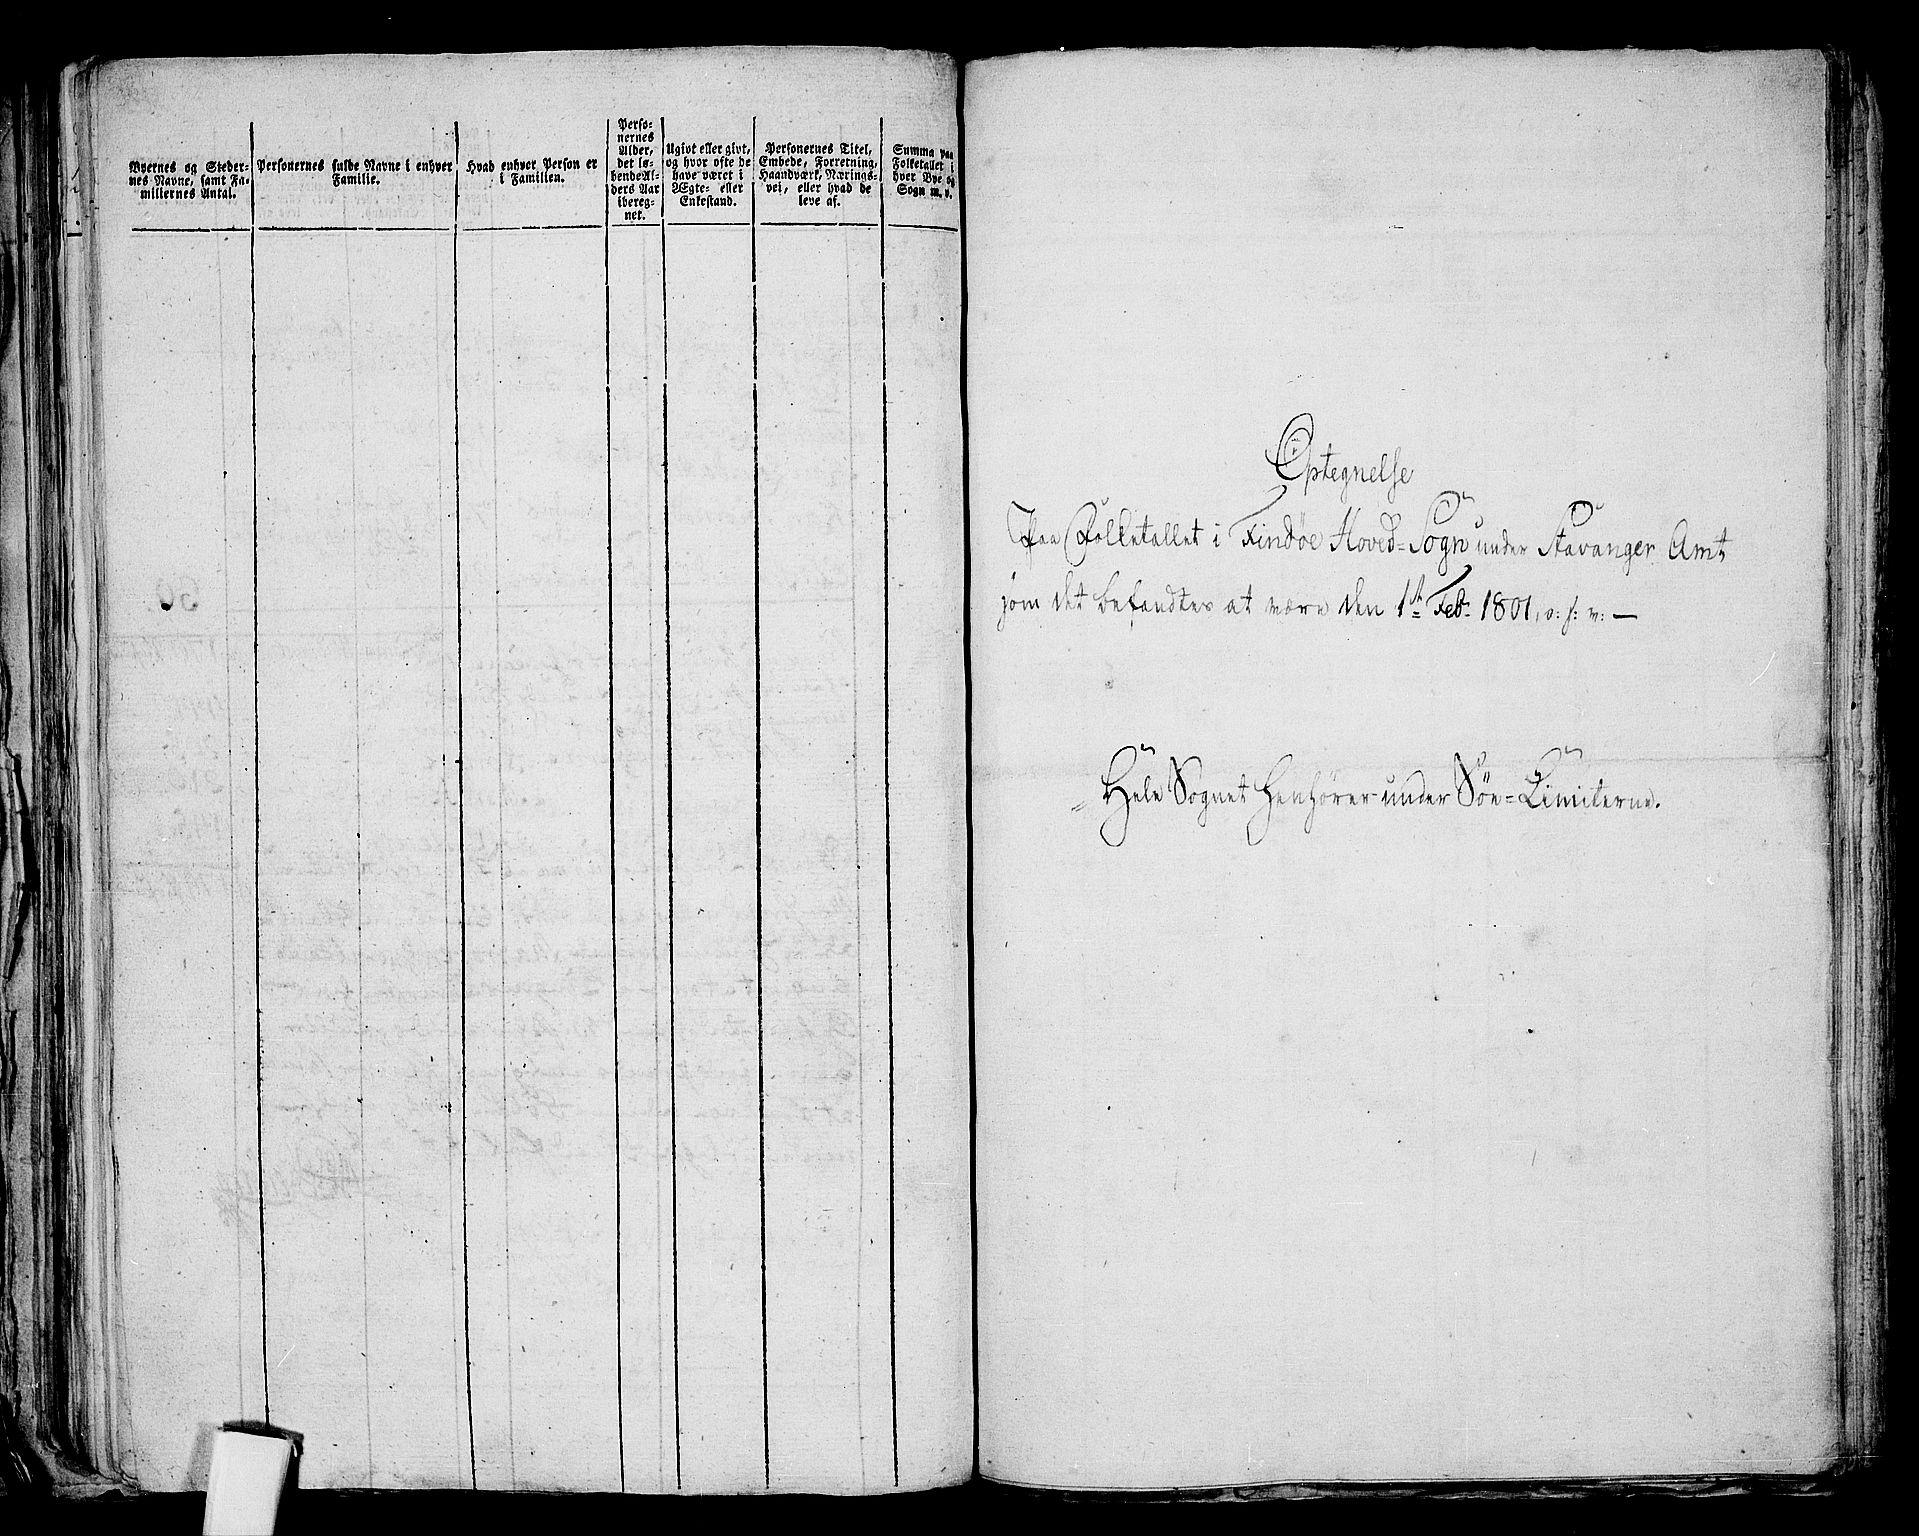 RA, Folketelling 1801 for 1141P Finnøy prestegjeld, 1801